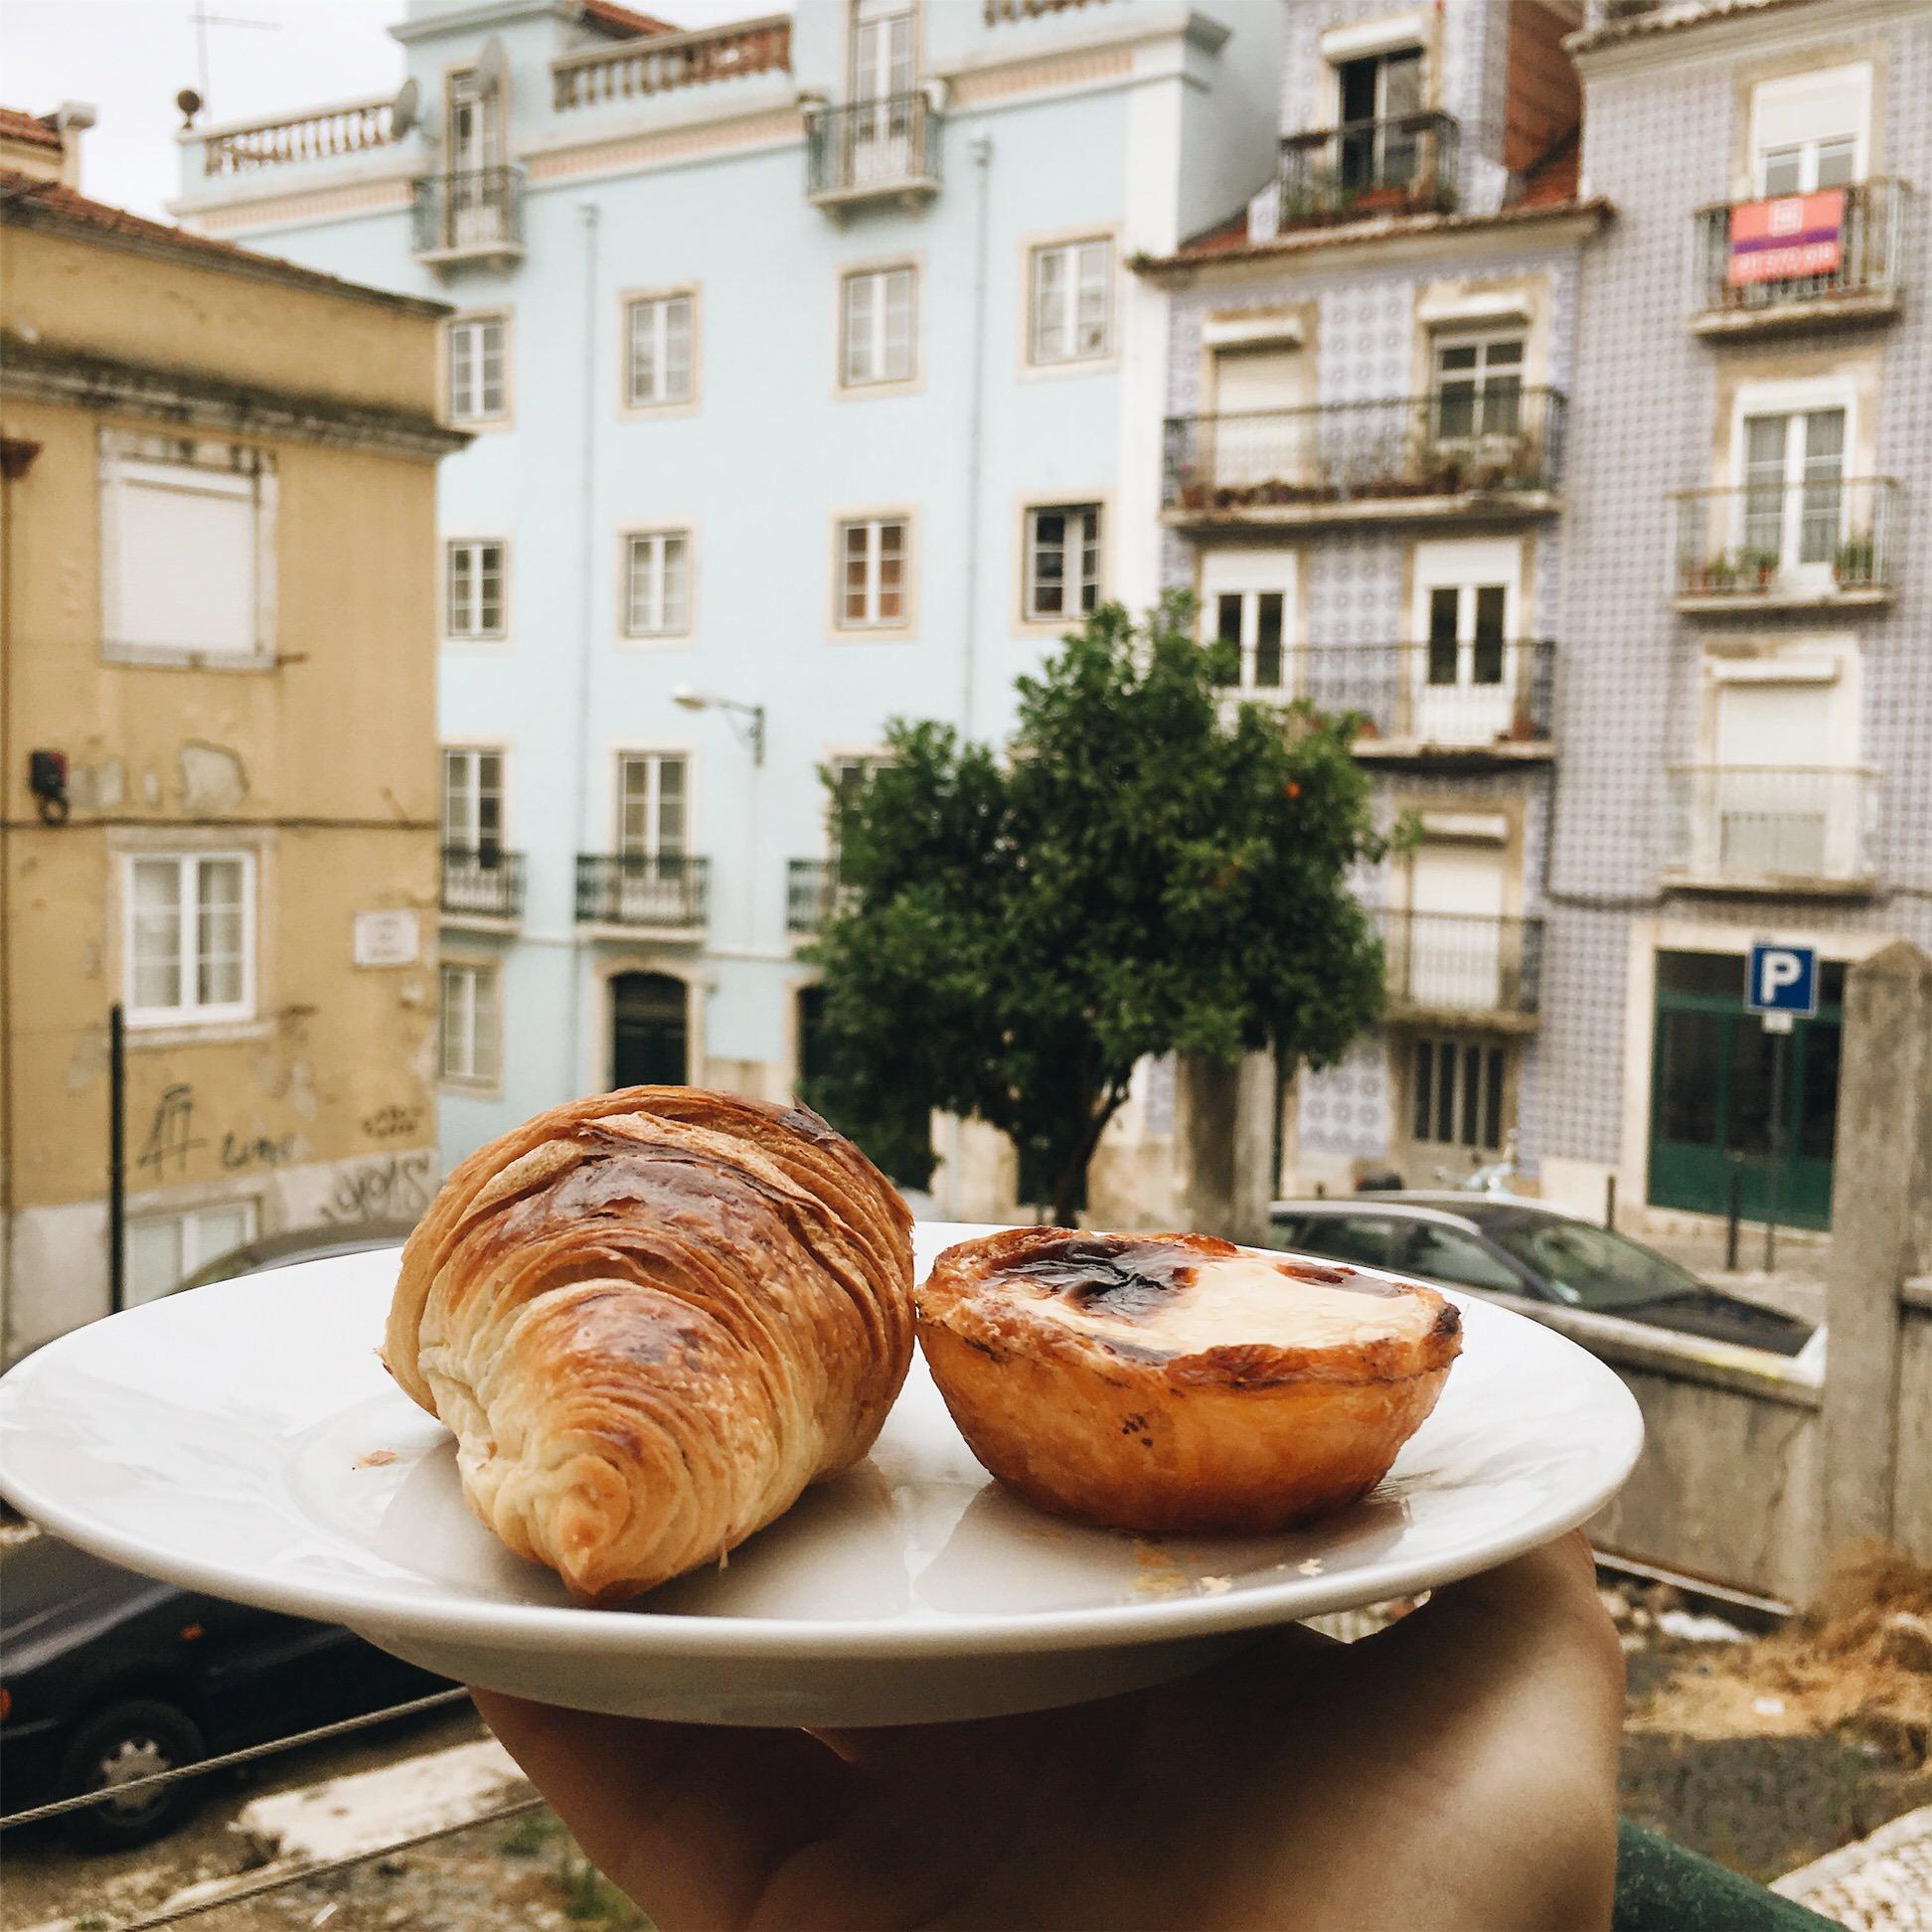 Pasteis de Nata in Lissabon Reisebericht und Traveltips